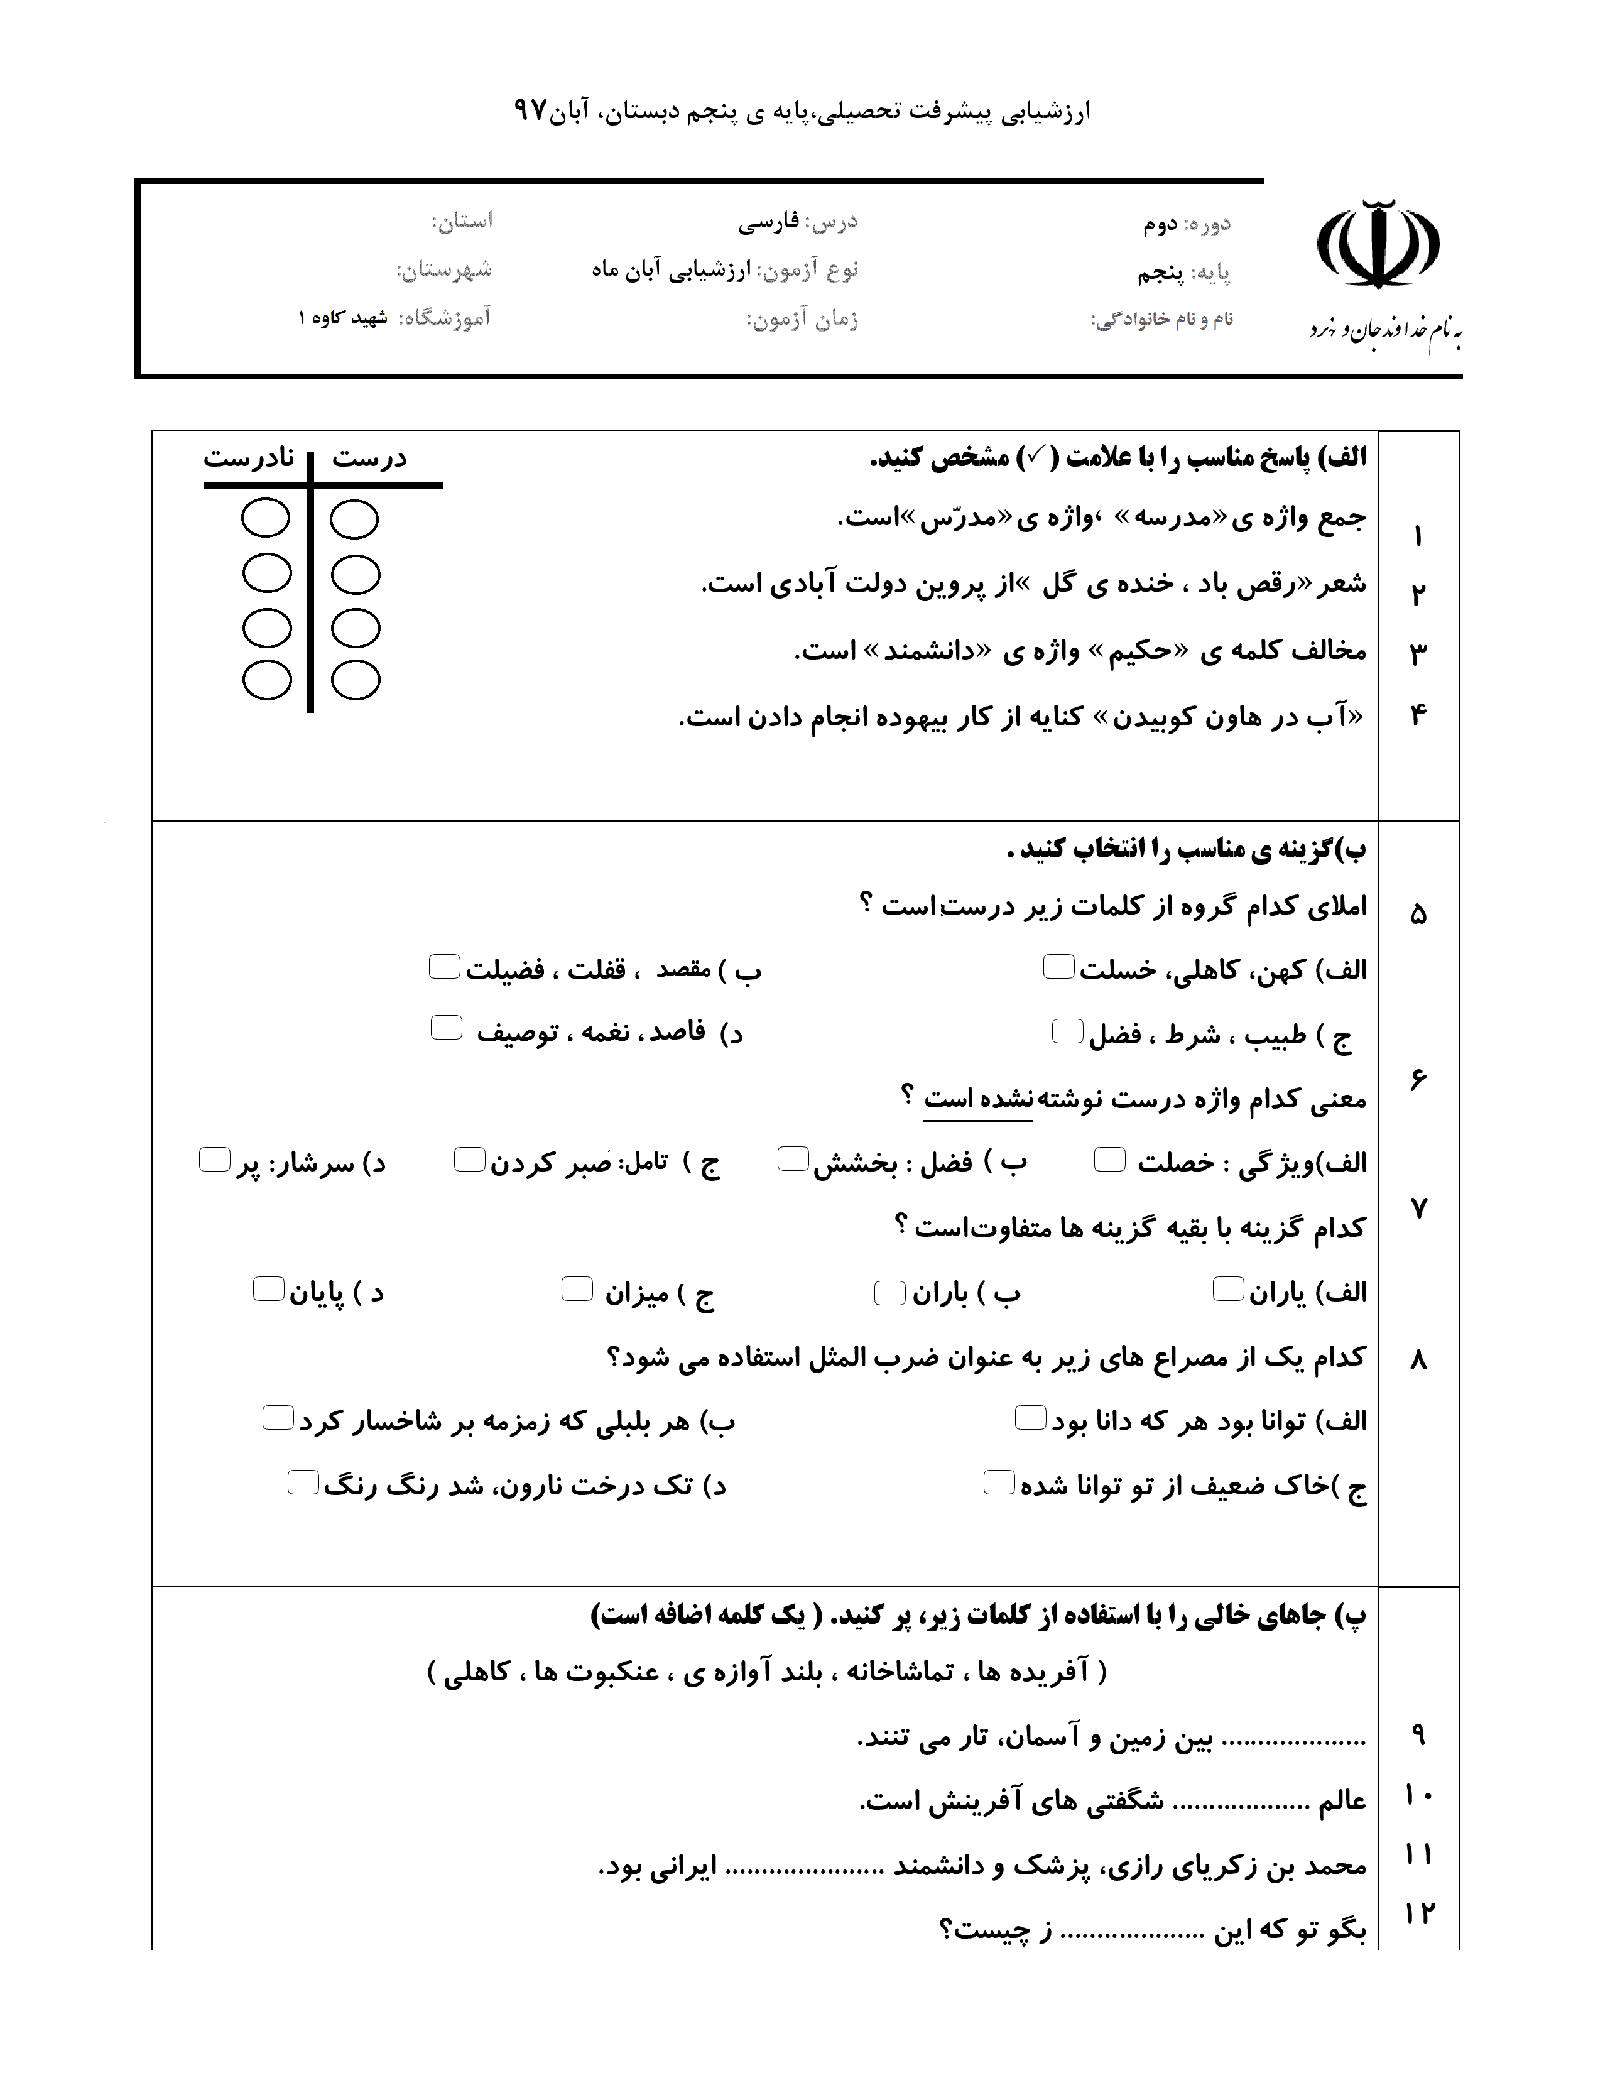 آزمون مداد کاغذی فارسی پنجم- دبستان شهید کاوه | درس 1 تا 3